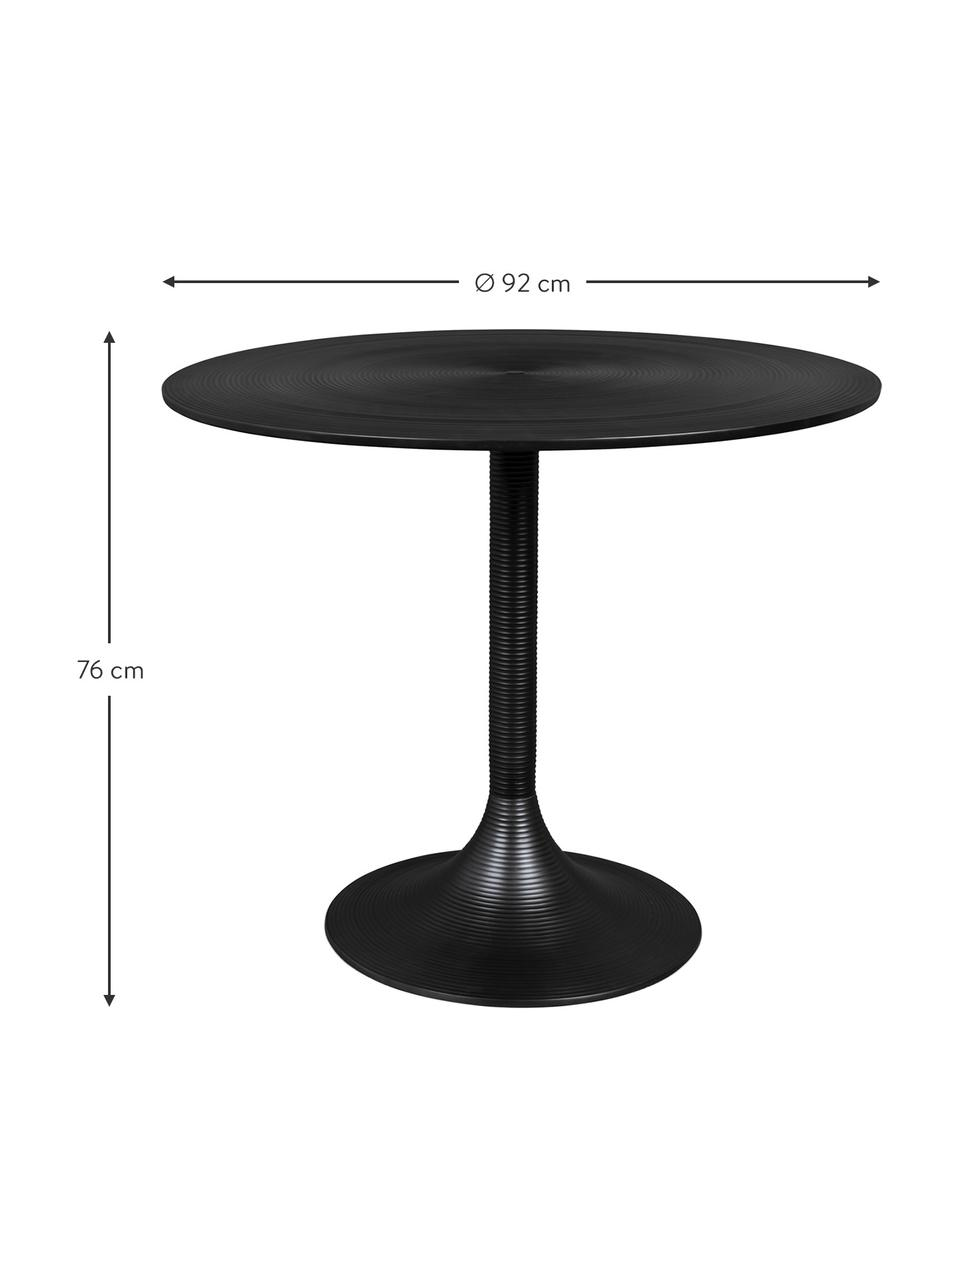 Okrągły stół do jadalni Hypnotising, Aluminium lakierowane, Czarny, Ø 92 x W 76 cm